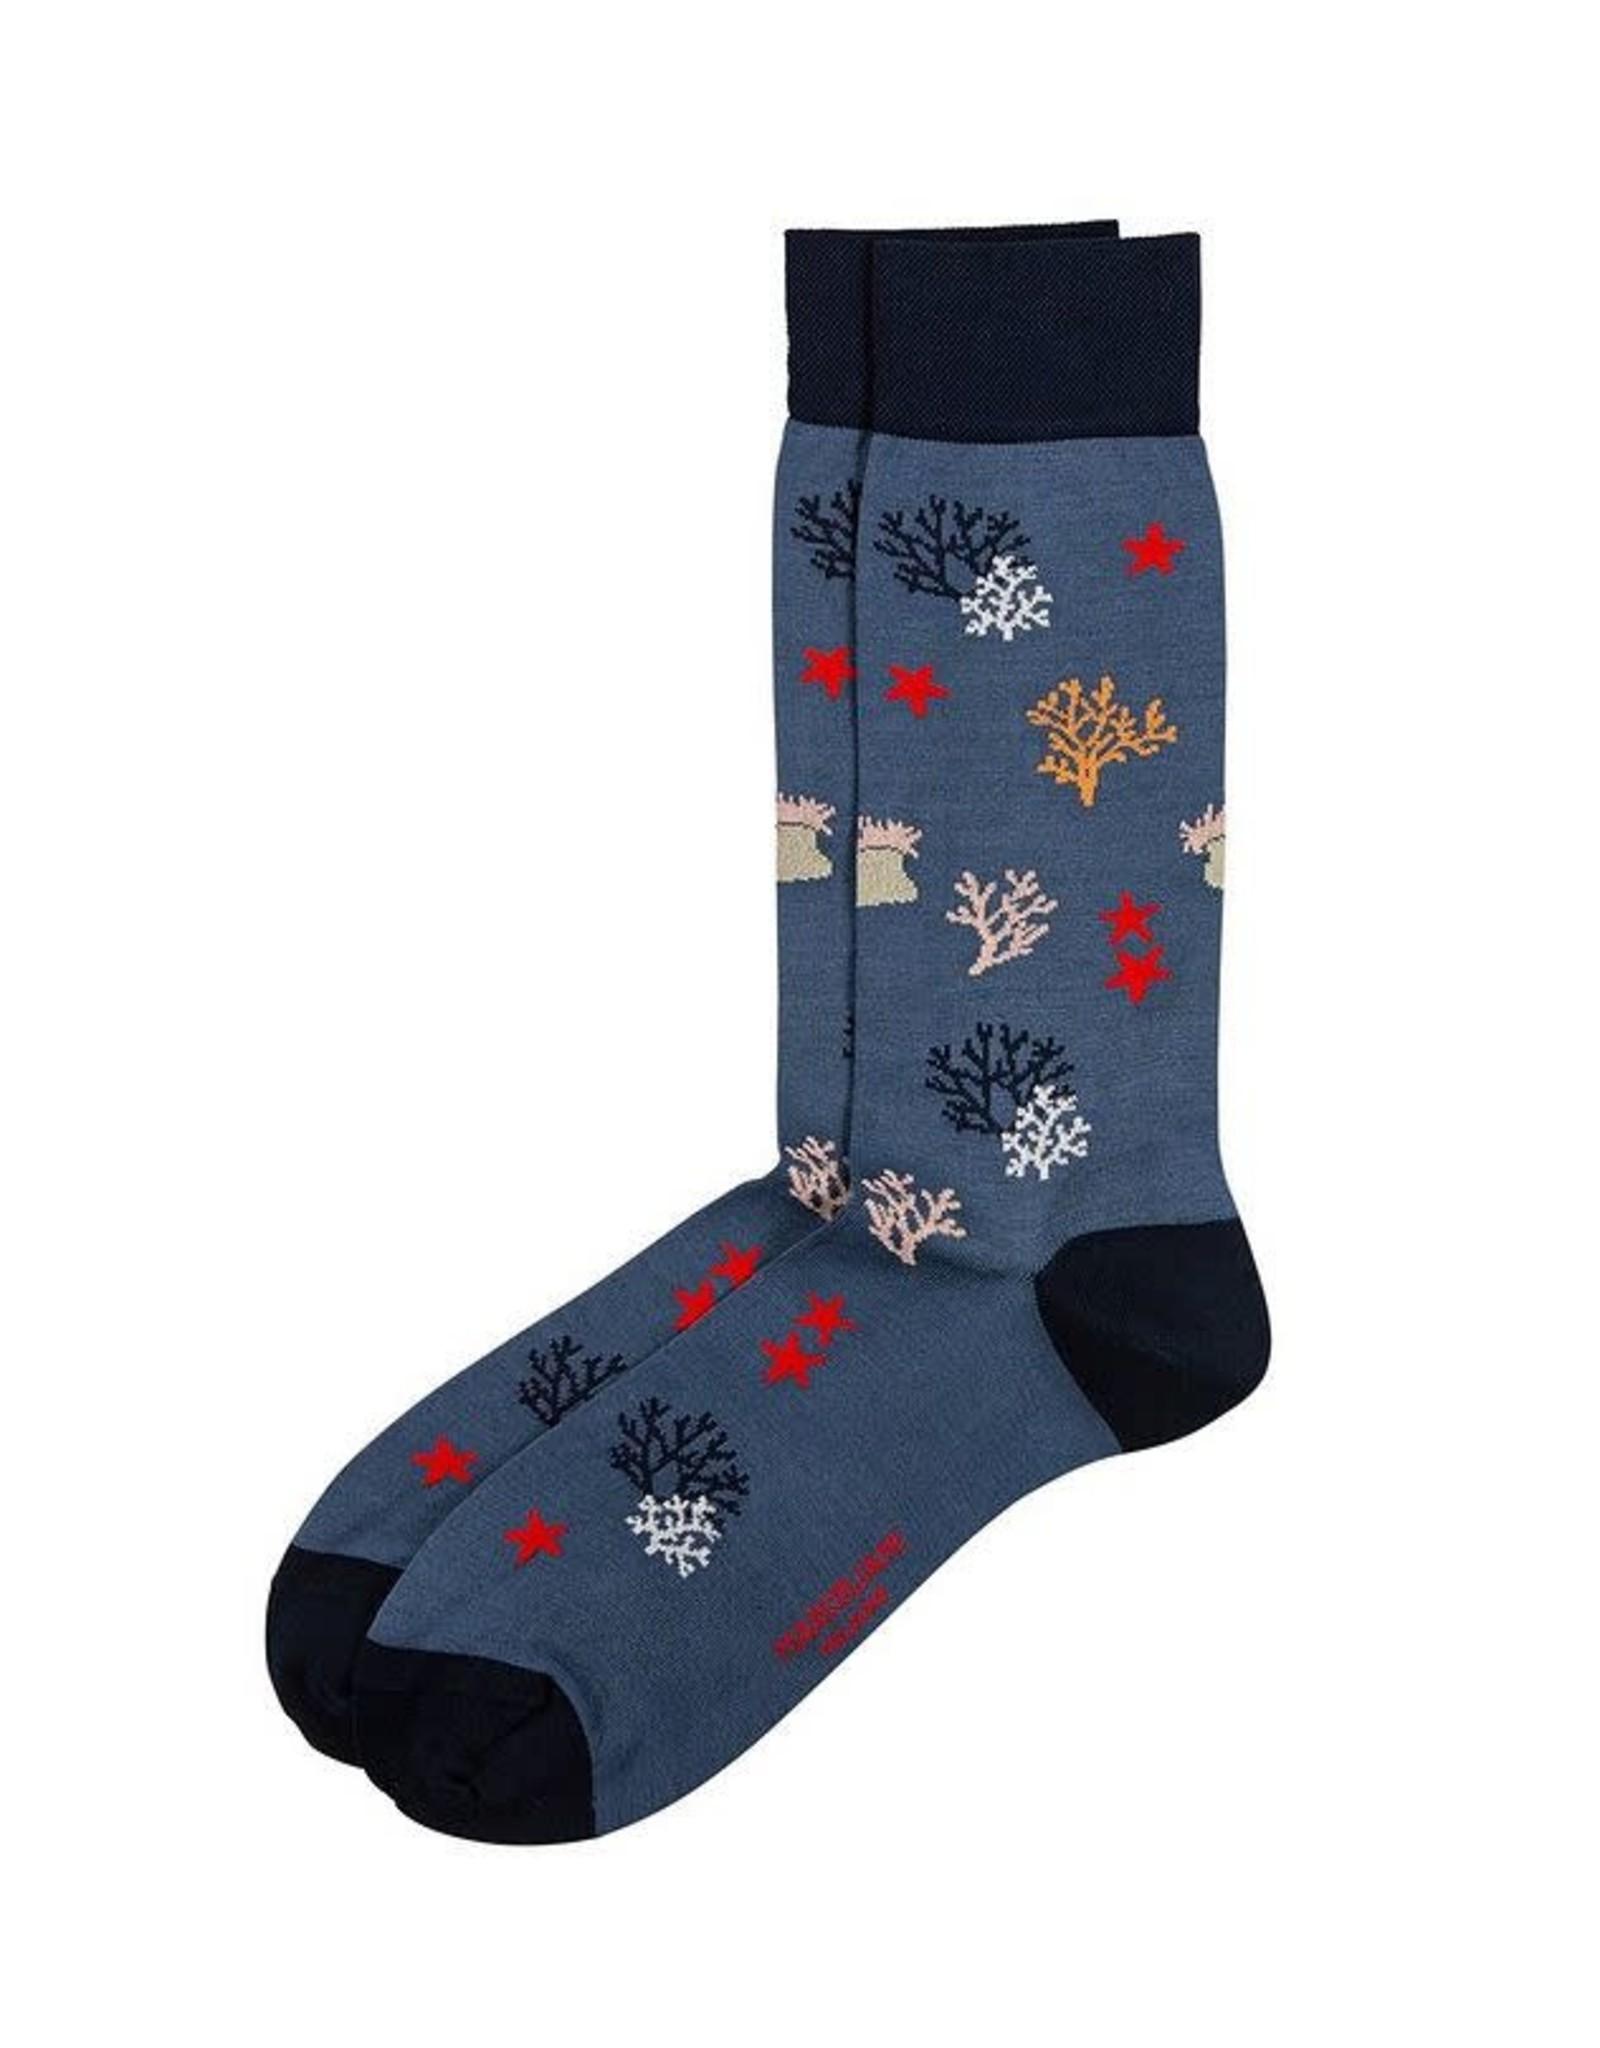 Marcoliani Marcoliani Socks Underwater  Positano